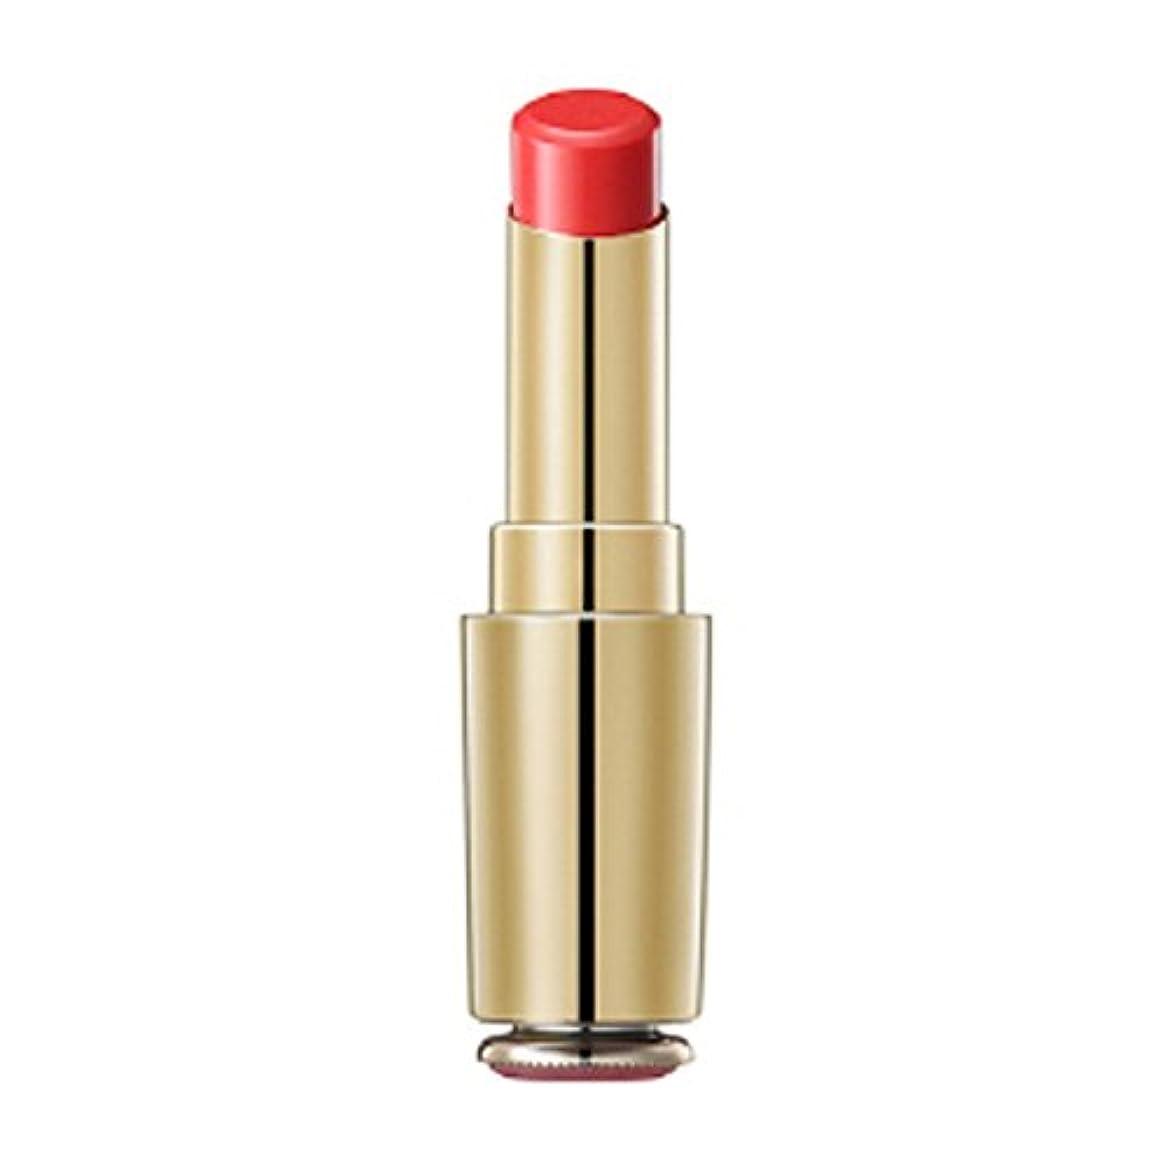 めったにバルーン最適ソルファス Essential Lip Serum Stick - # No. 3 Flower Pink 3g/0.1oz並行輸入品